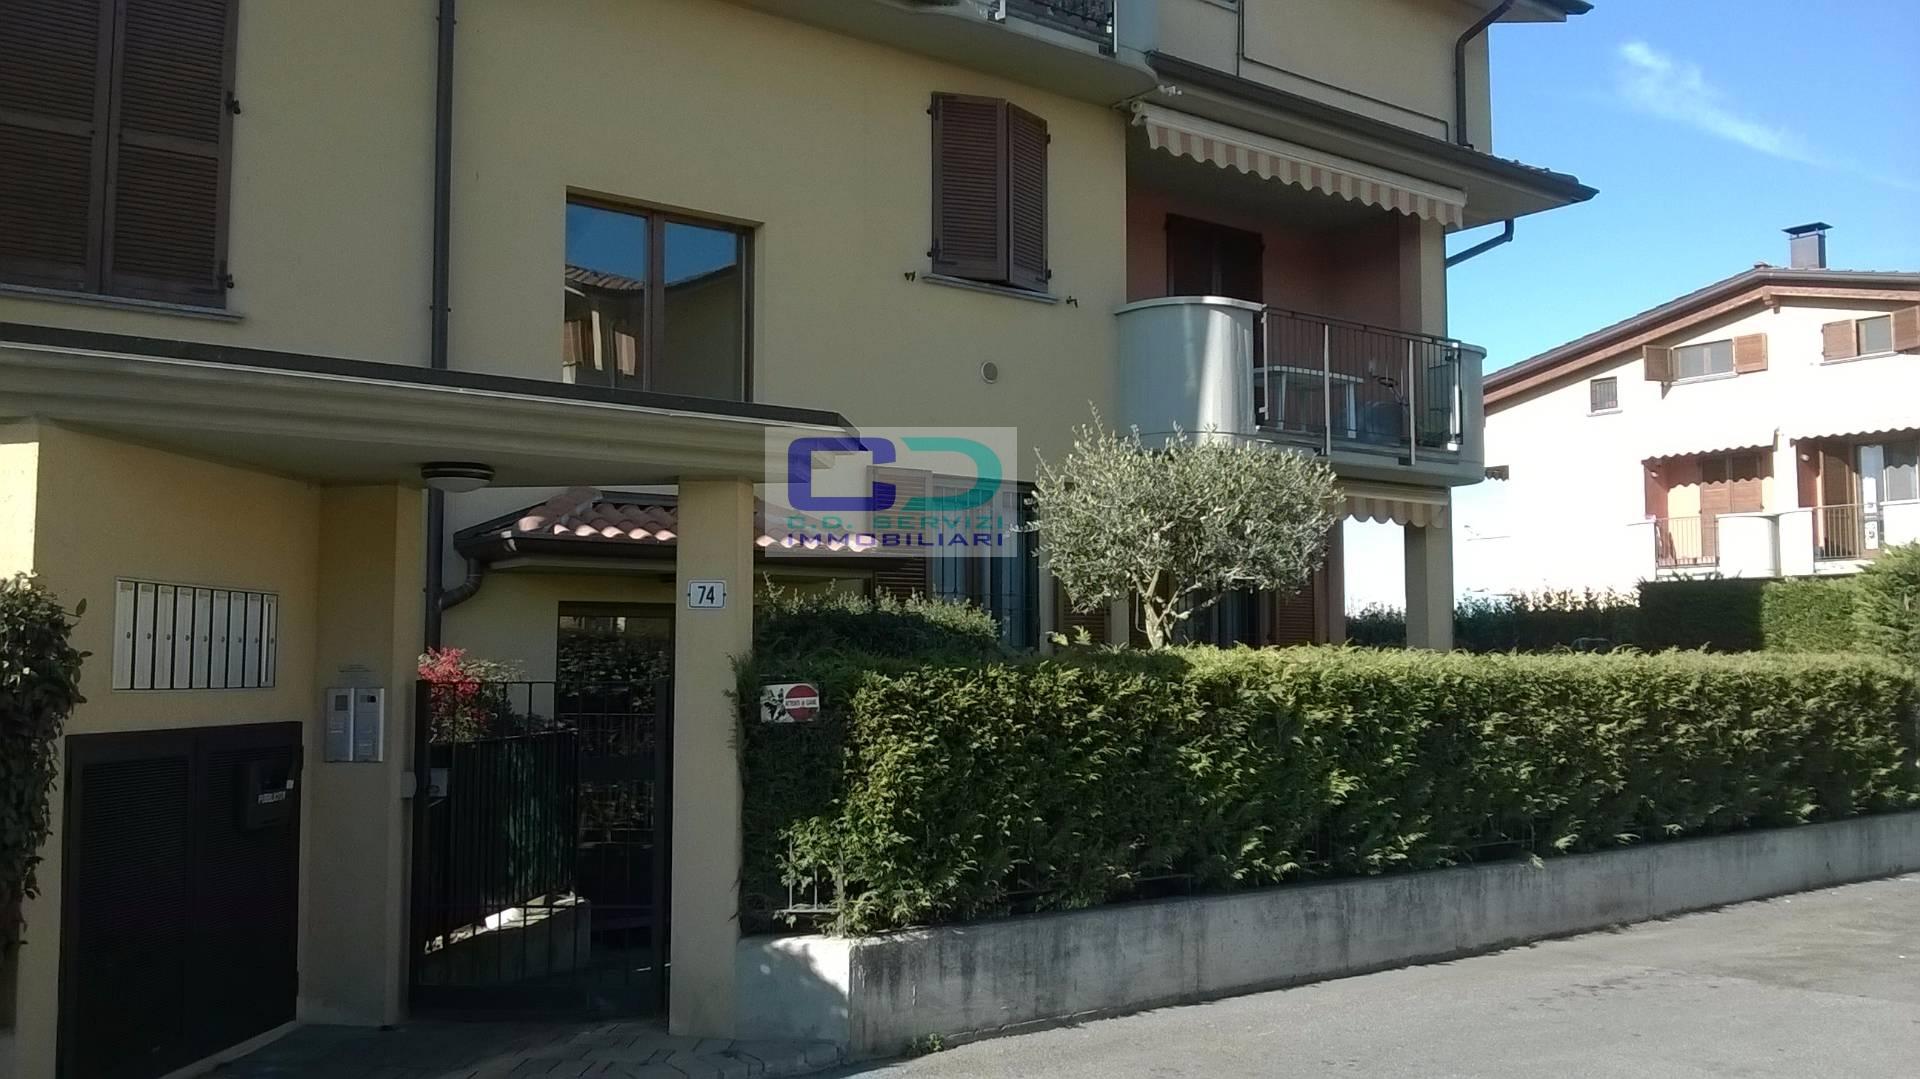 Appartamento in vendita a Truccazzano, 2 locali, prezzo € 110.000 | CambioCasa.it